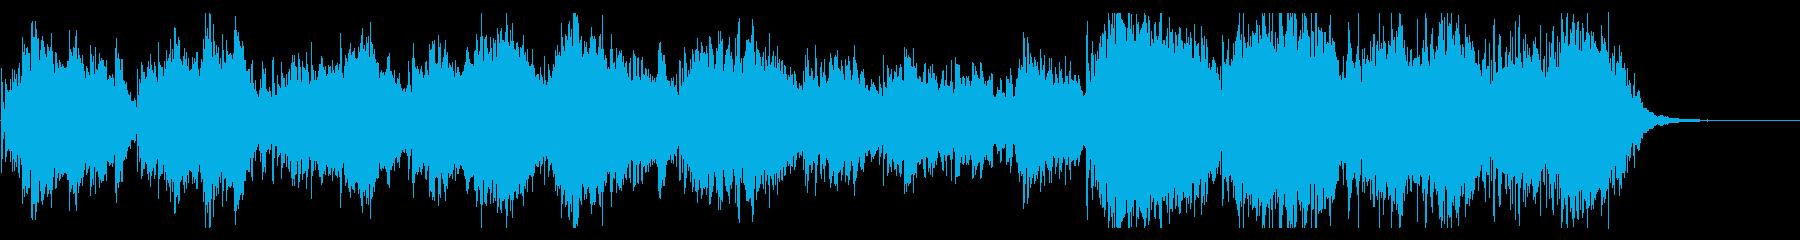 ピアノとチェロが彩るポスト・クラシカル曲の再生済みの波形